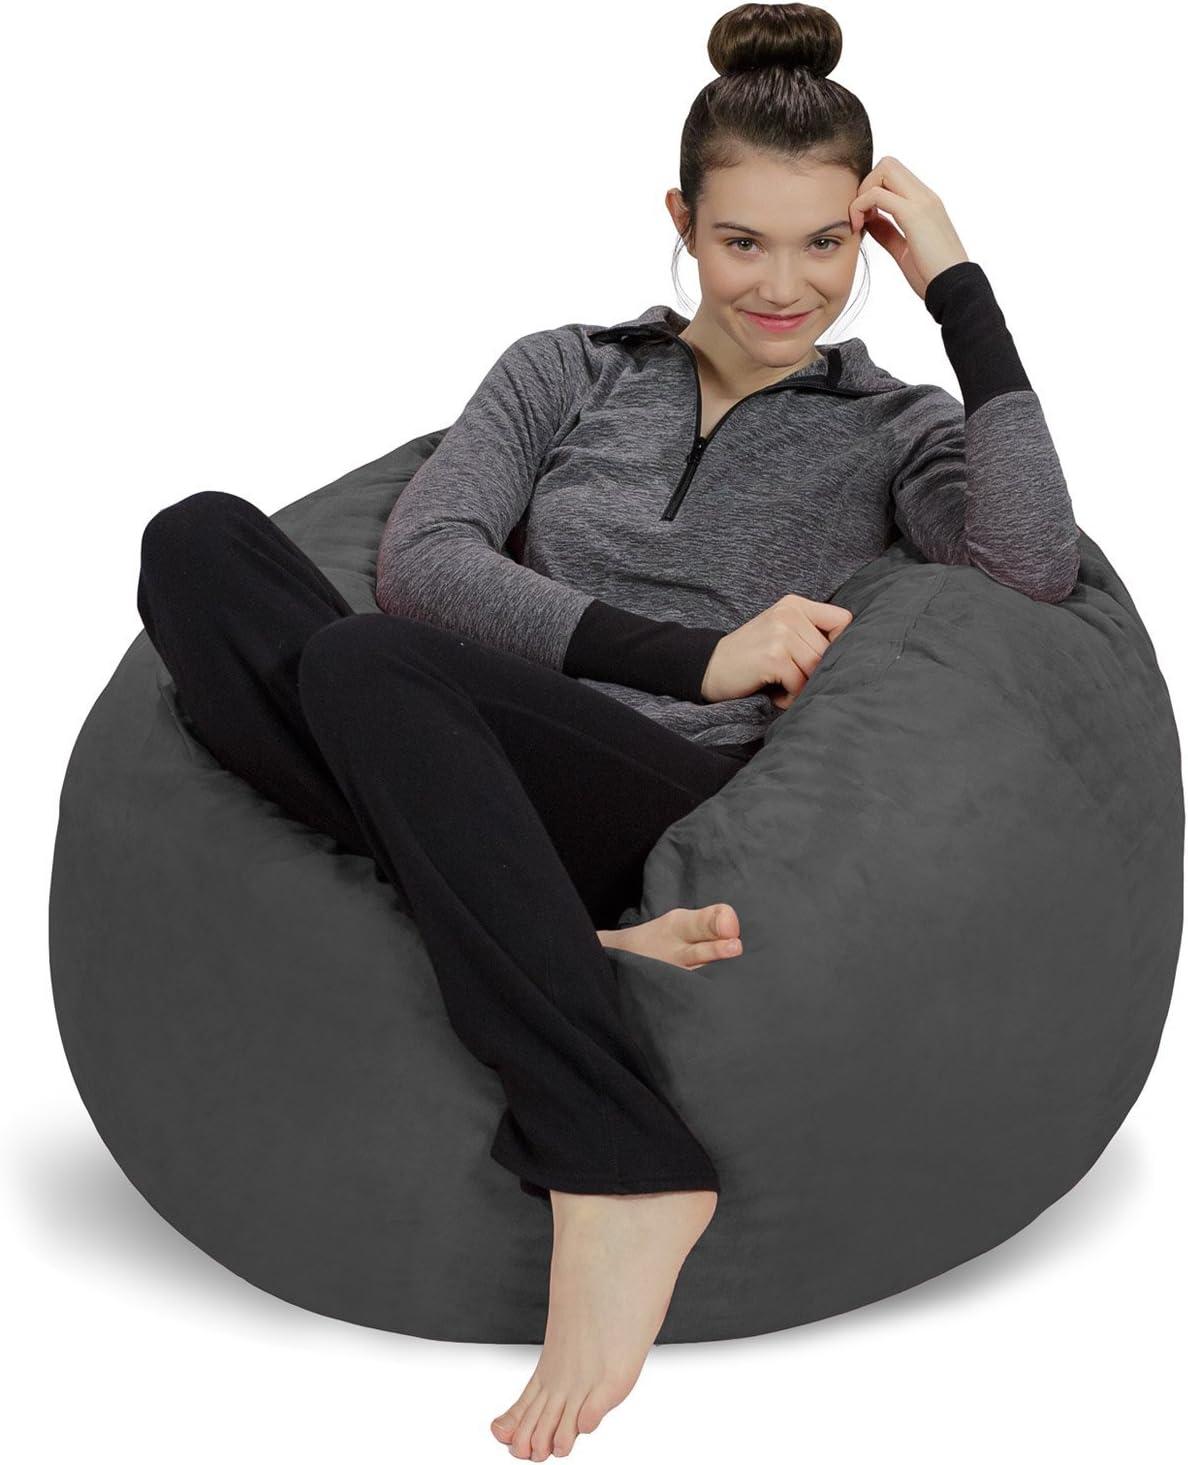 Sofa Sack - Ultra Soft Bean Bag Chair